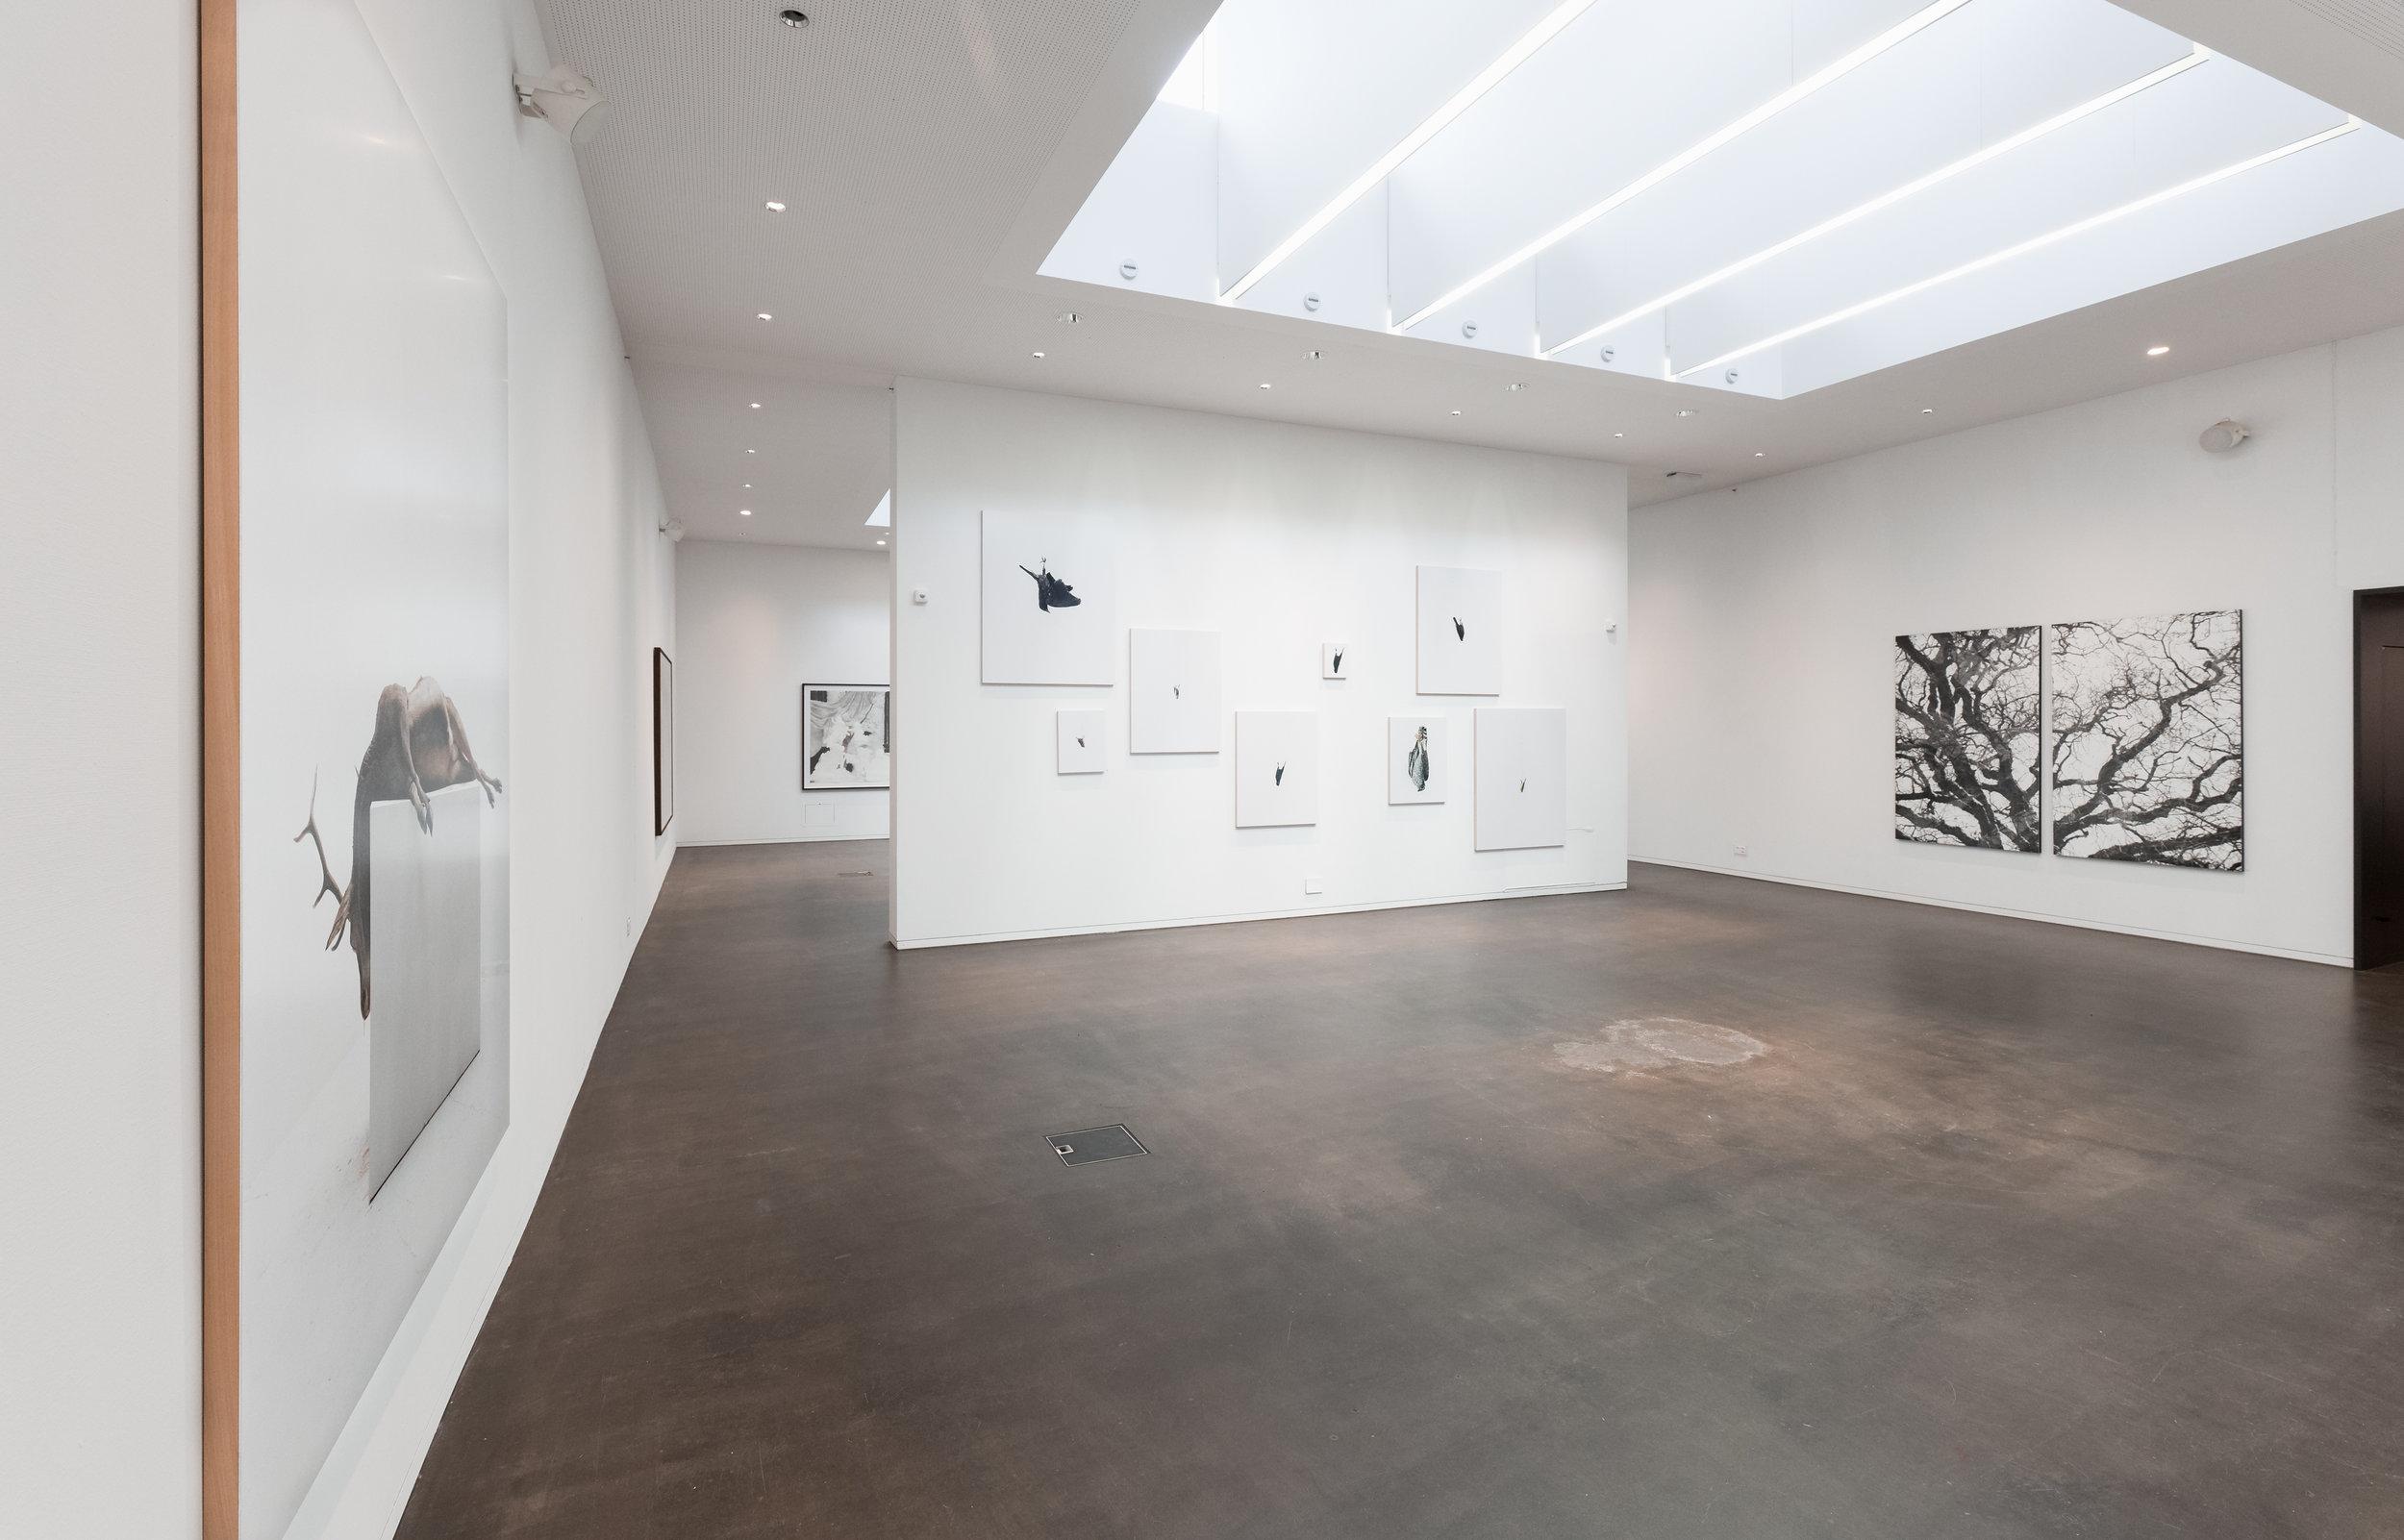 Vue d'exposition, Éric Poitevin. © 2017 Galerie C, Suisse. Tous droits réservés.